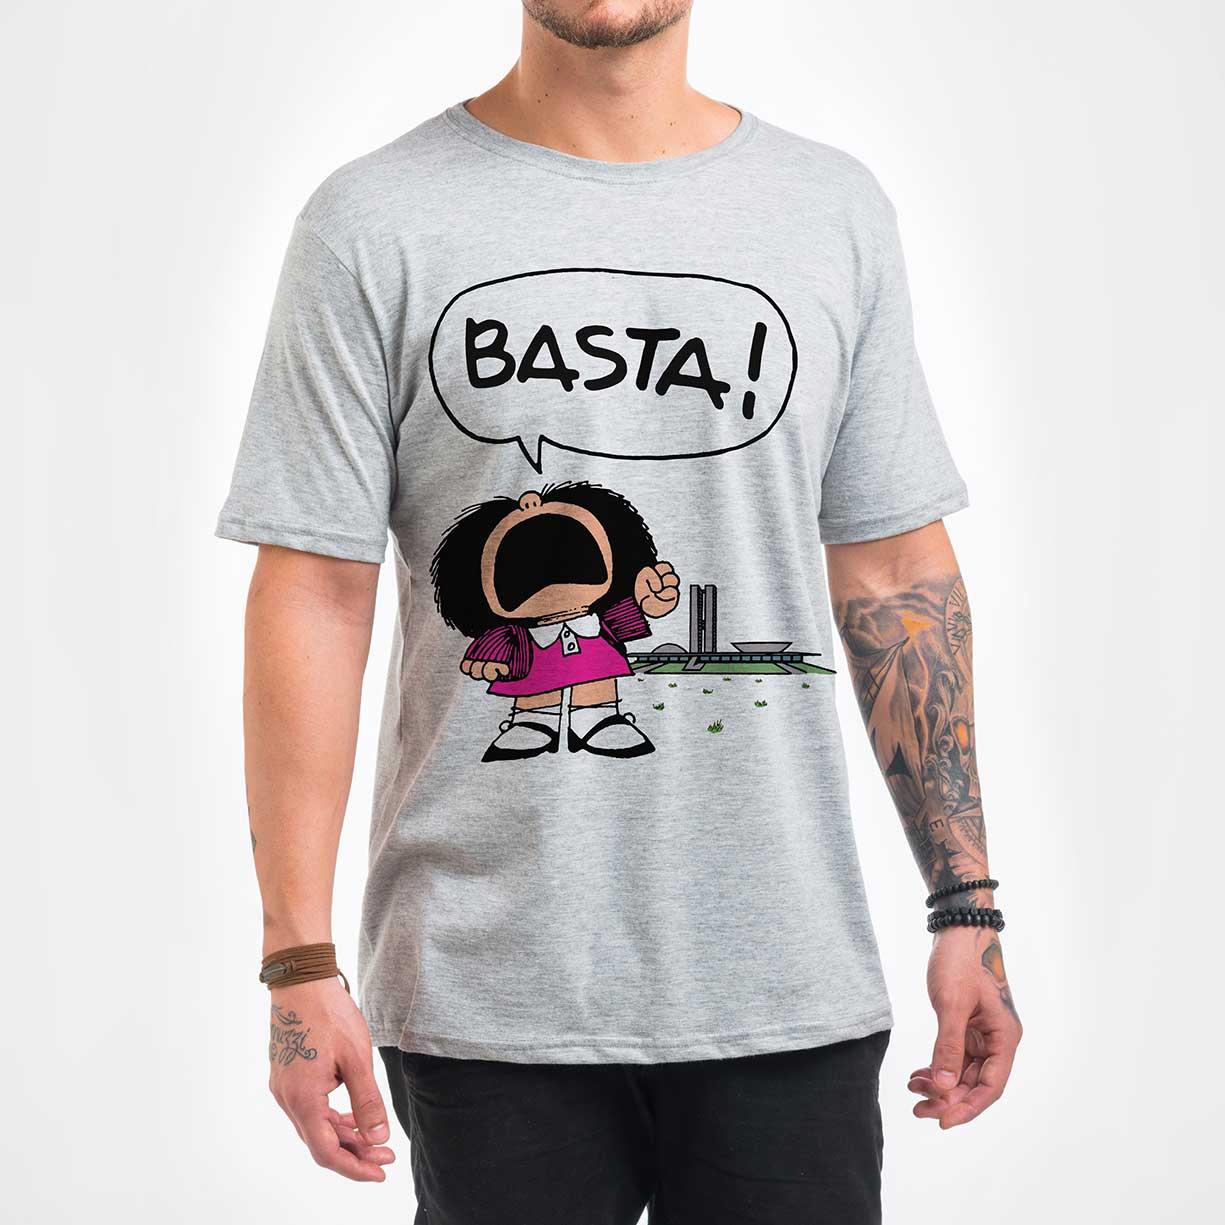 Camisa Masculina - Basta